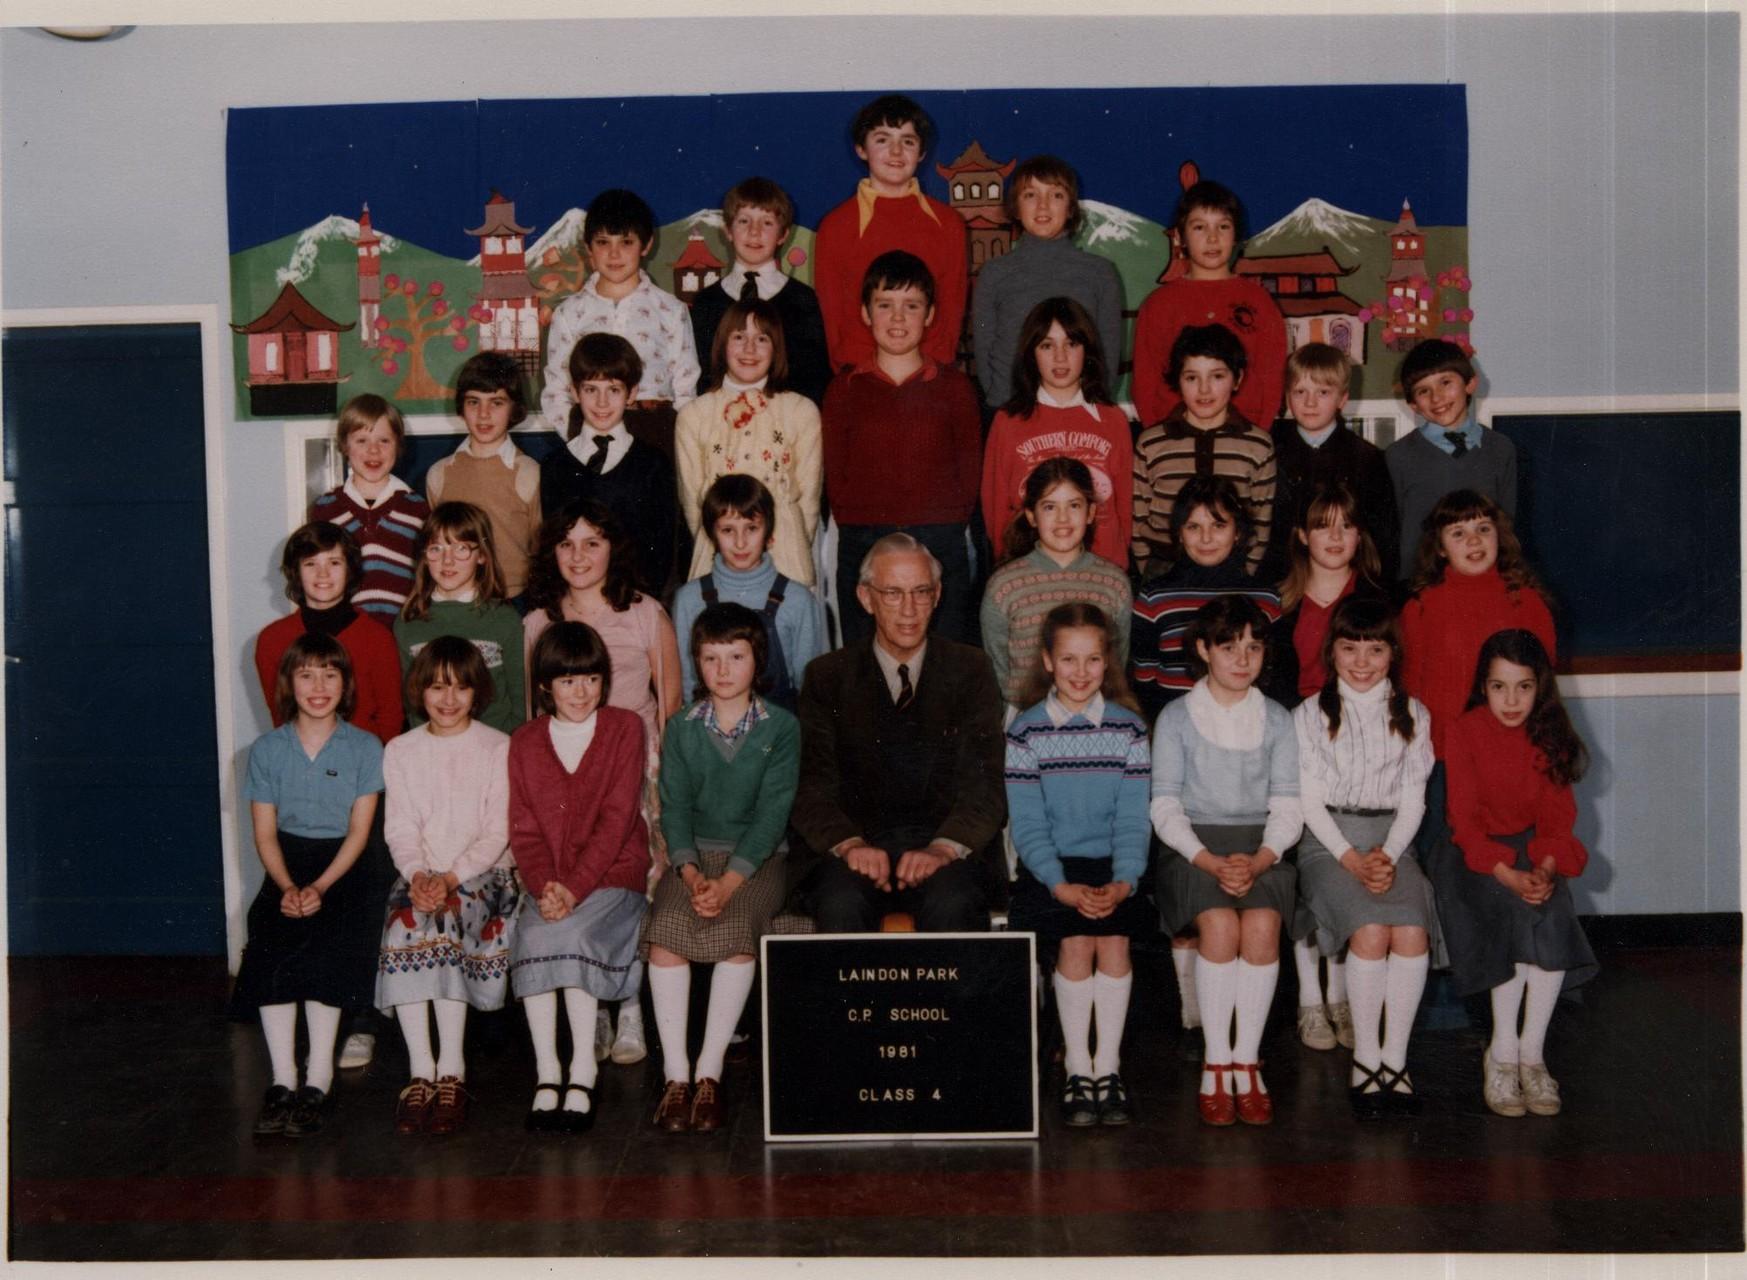 1981 Laindon Park Class 4